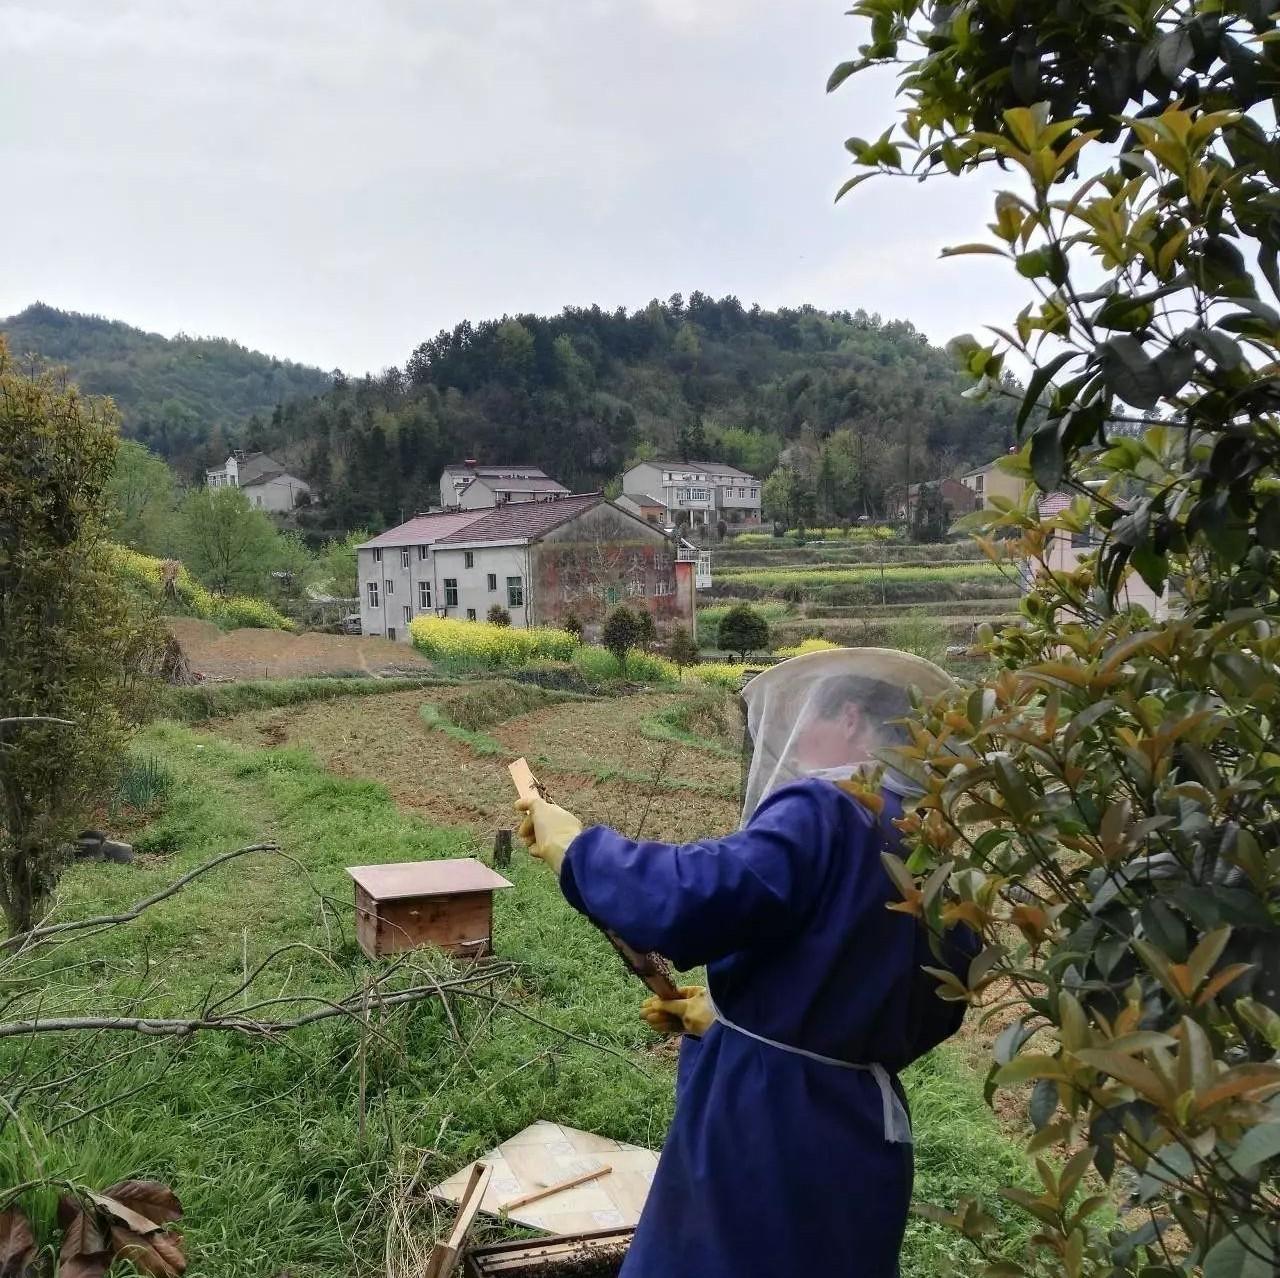 蜂蜜适合的人群 咖啡放蜂蜜 授粉 蜂蜜有哪些营养成分 怎么检验蜂蜜真假